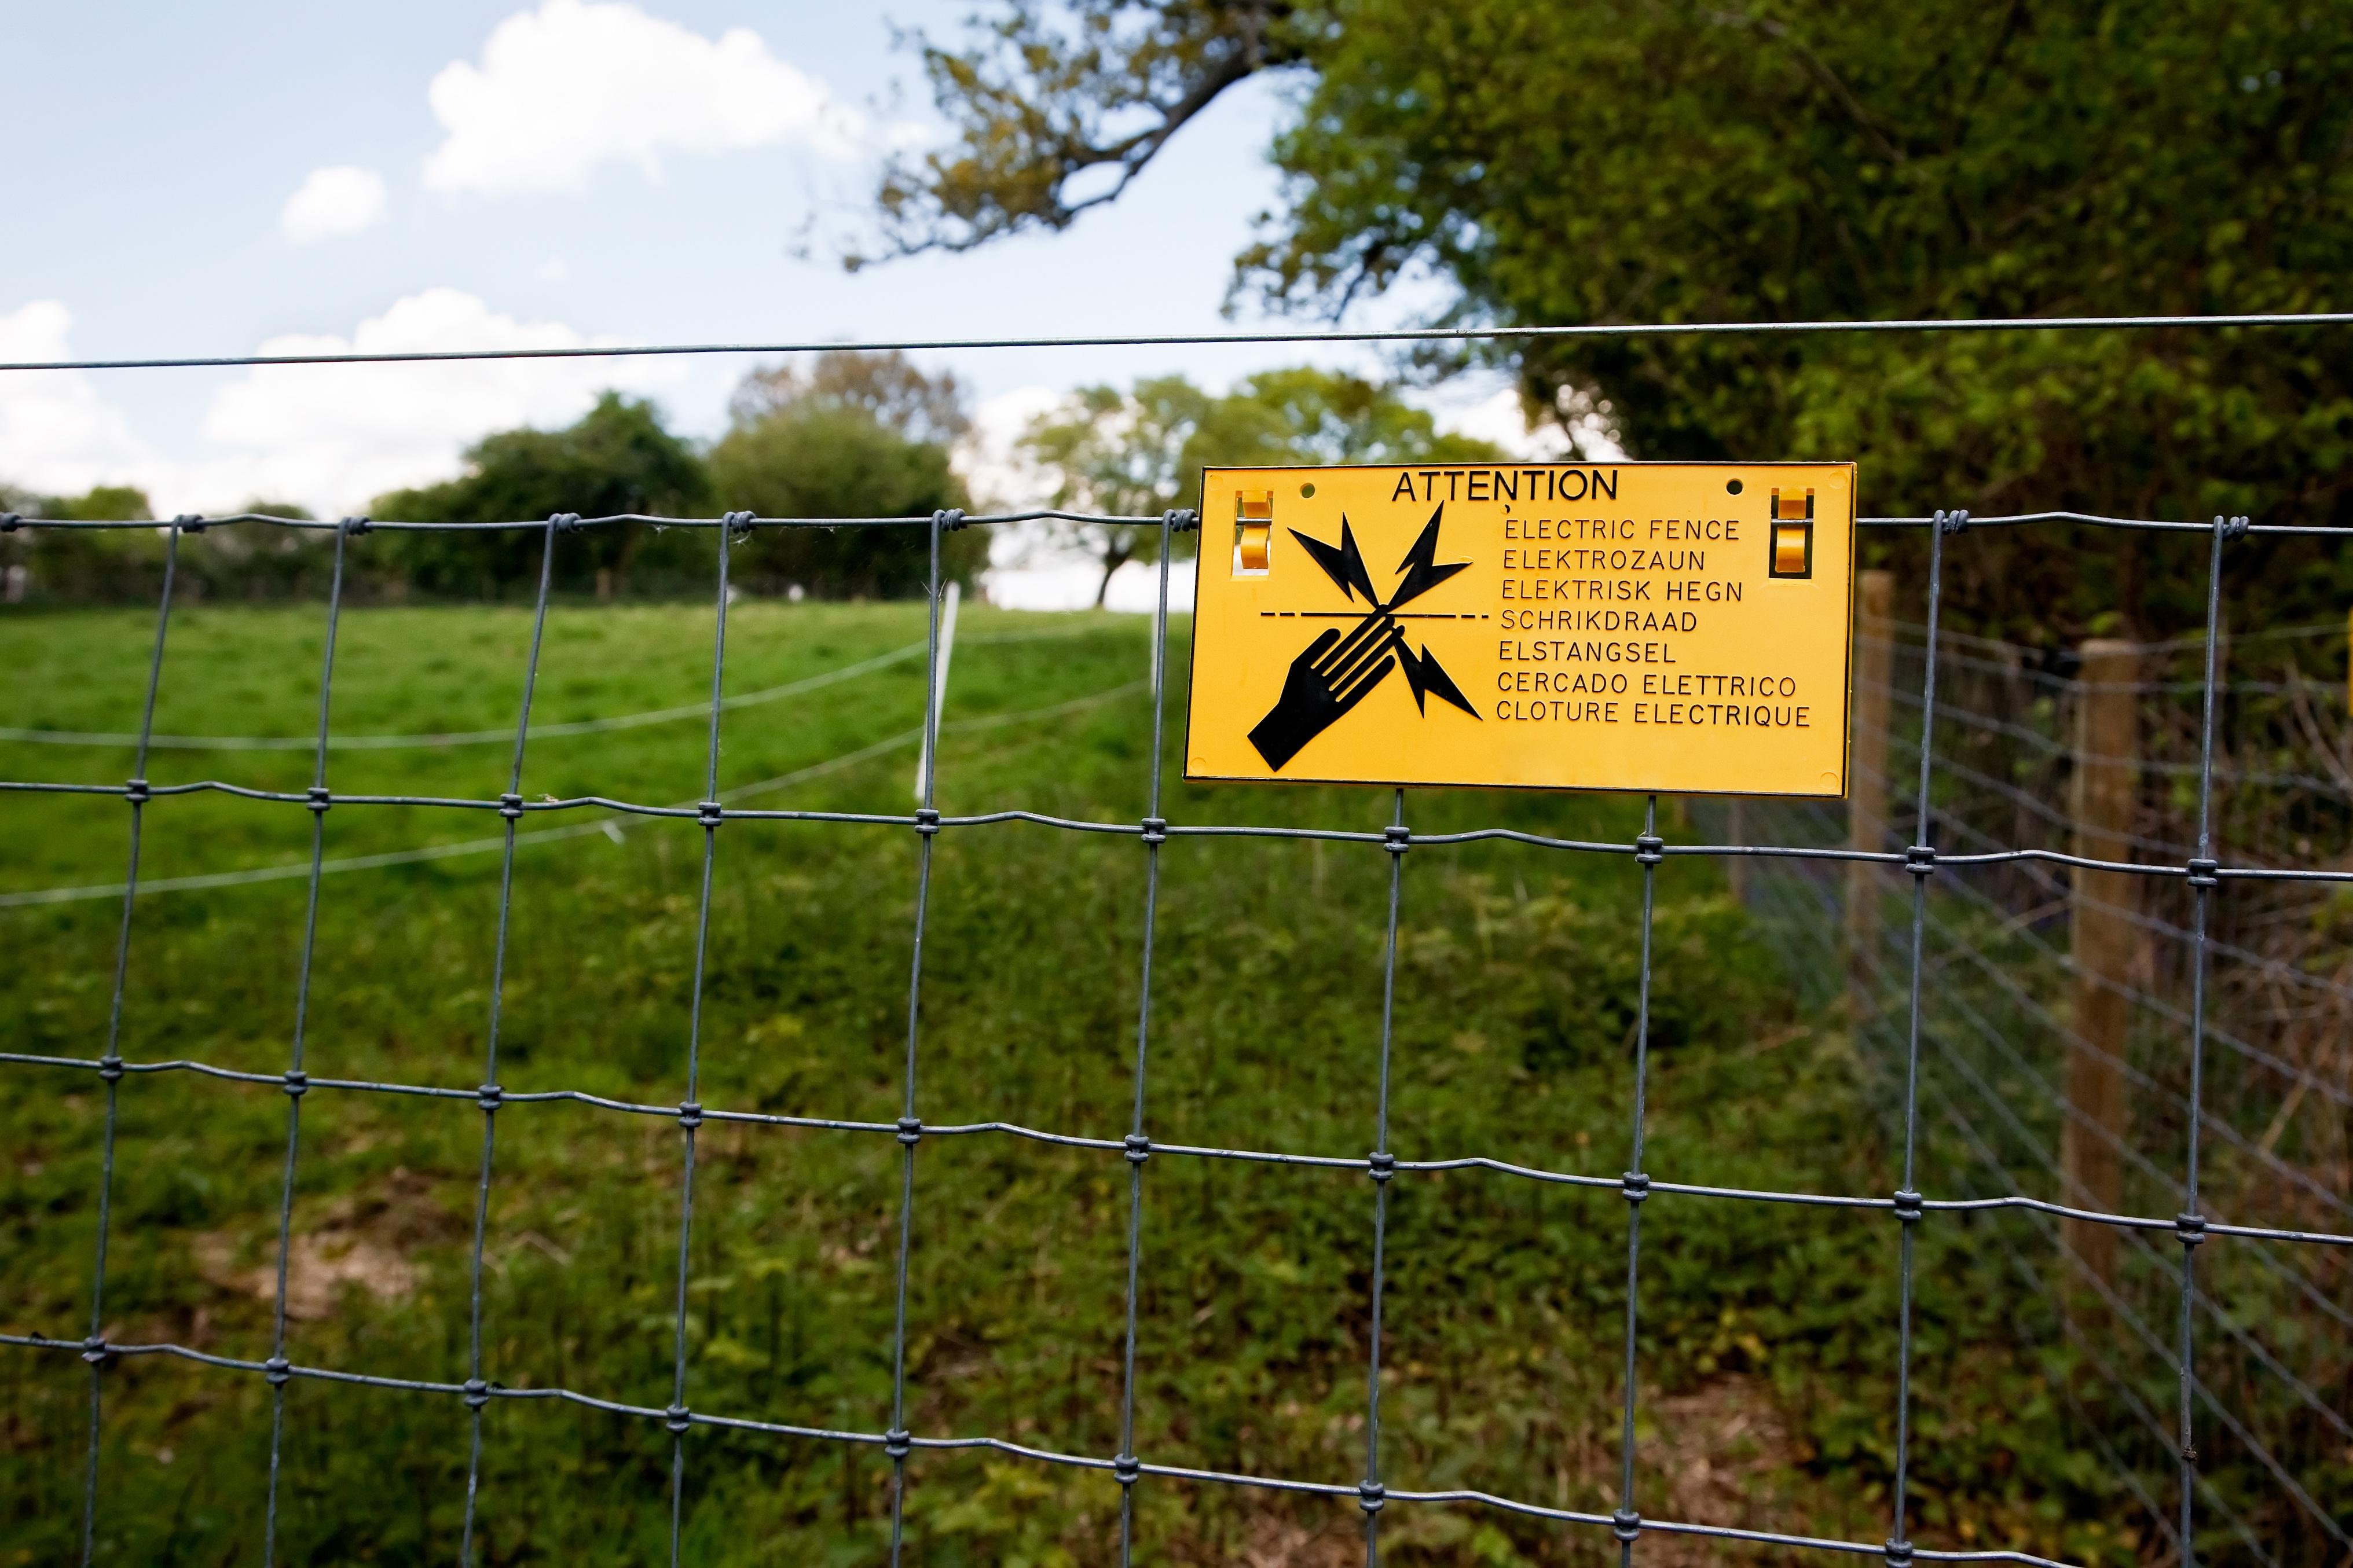 Rumput Pagar Bidang Tanah Pertanian Padang Pedesaan Kawat Tanda Hijau Elektris Listrik